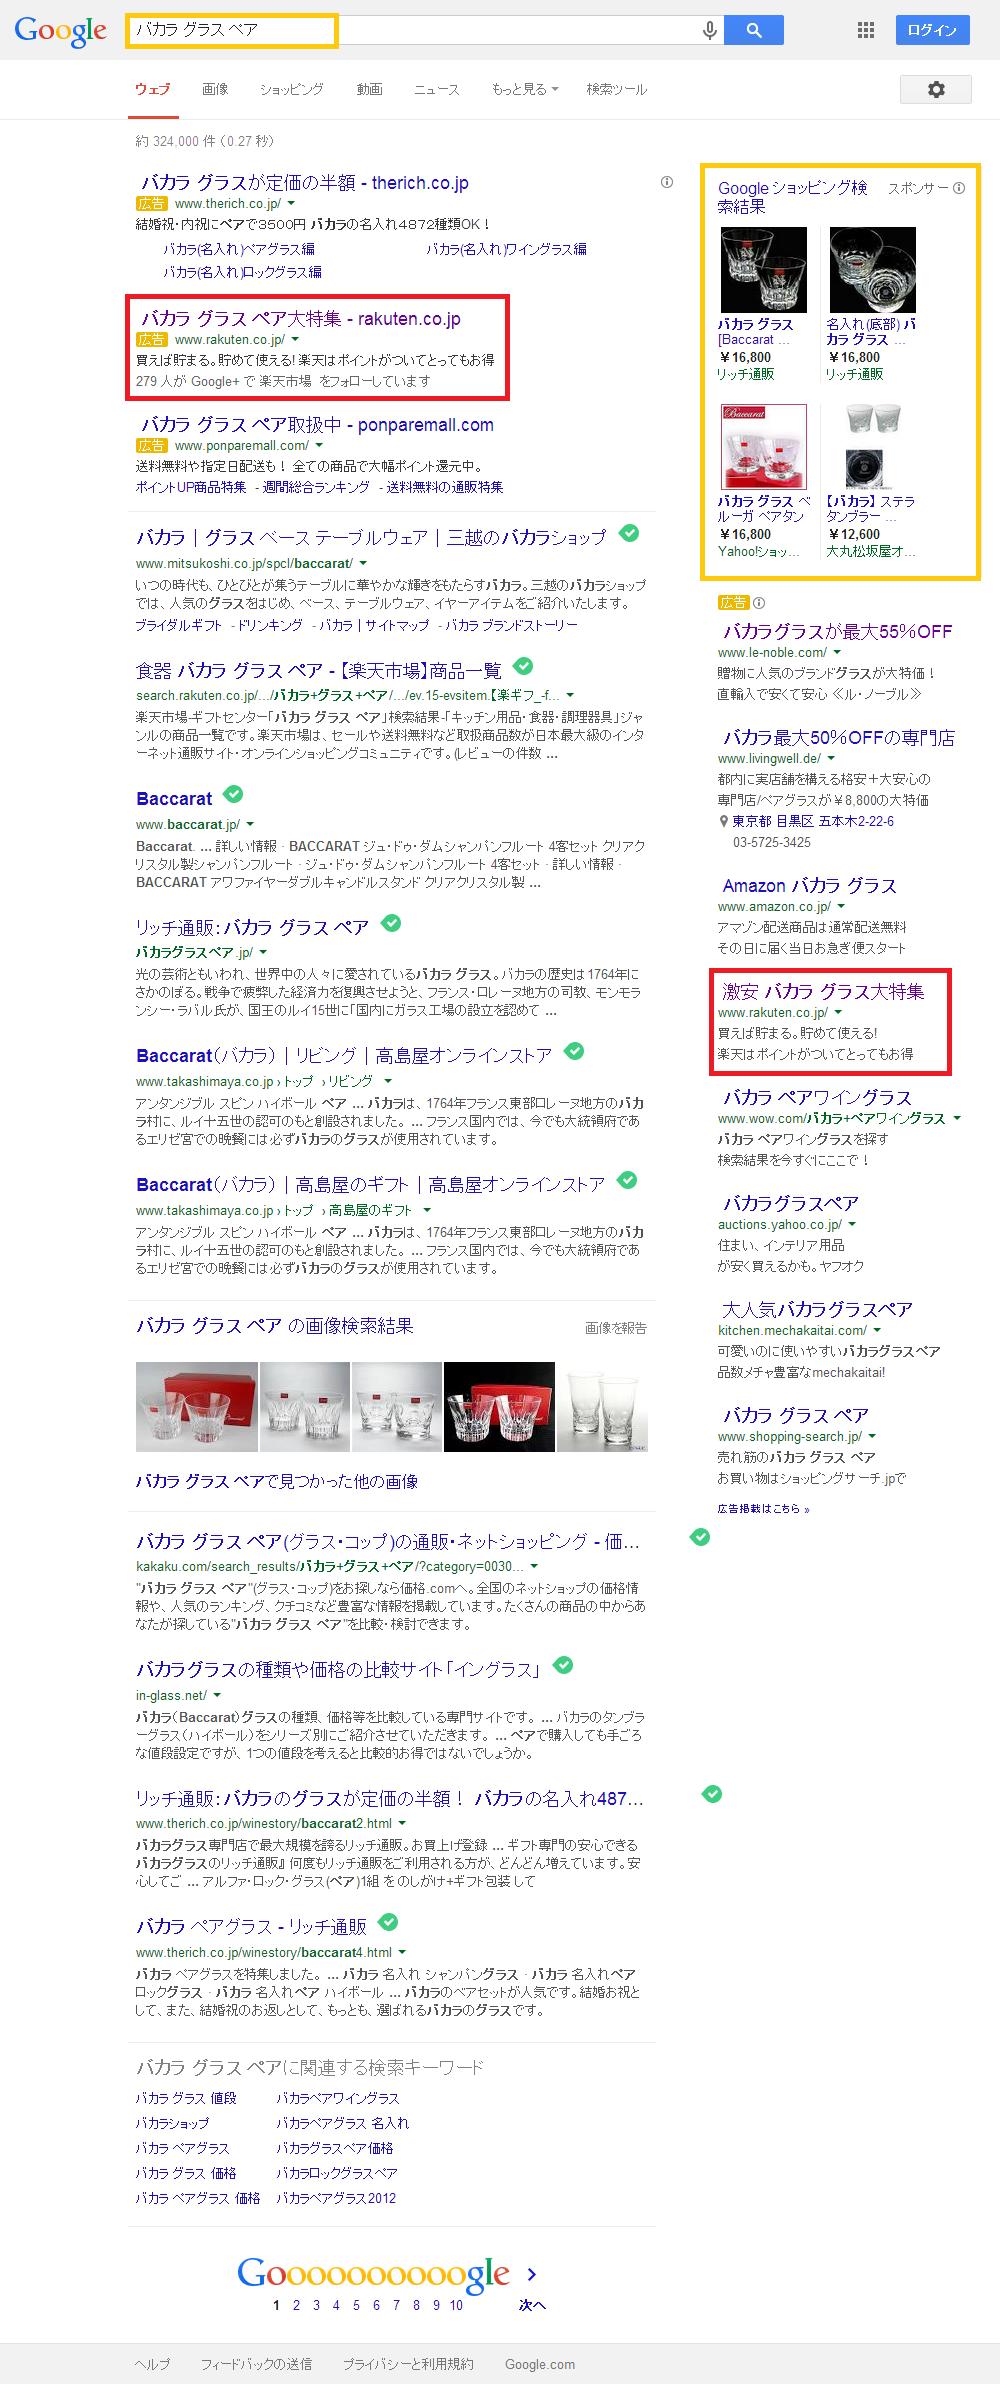 バカラ グラス ペア   Google 検索1.png